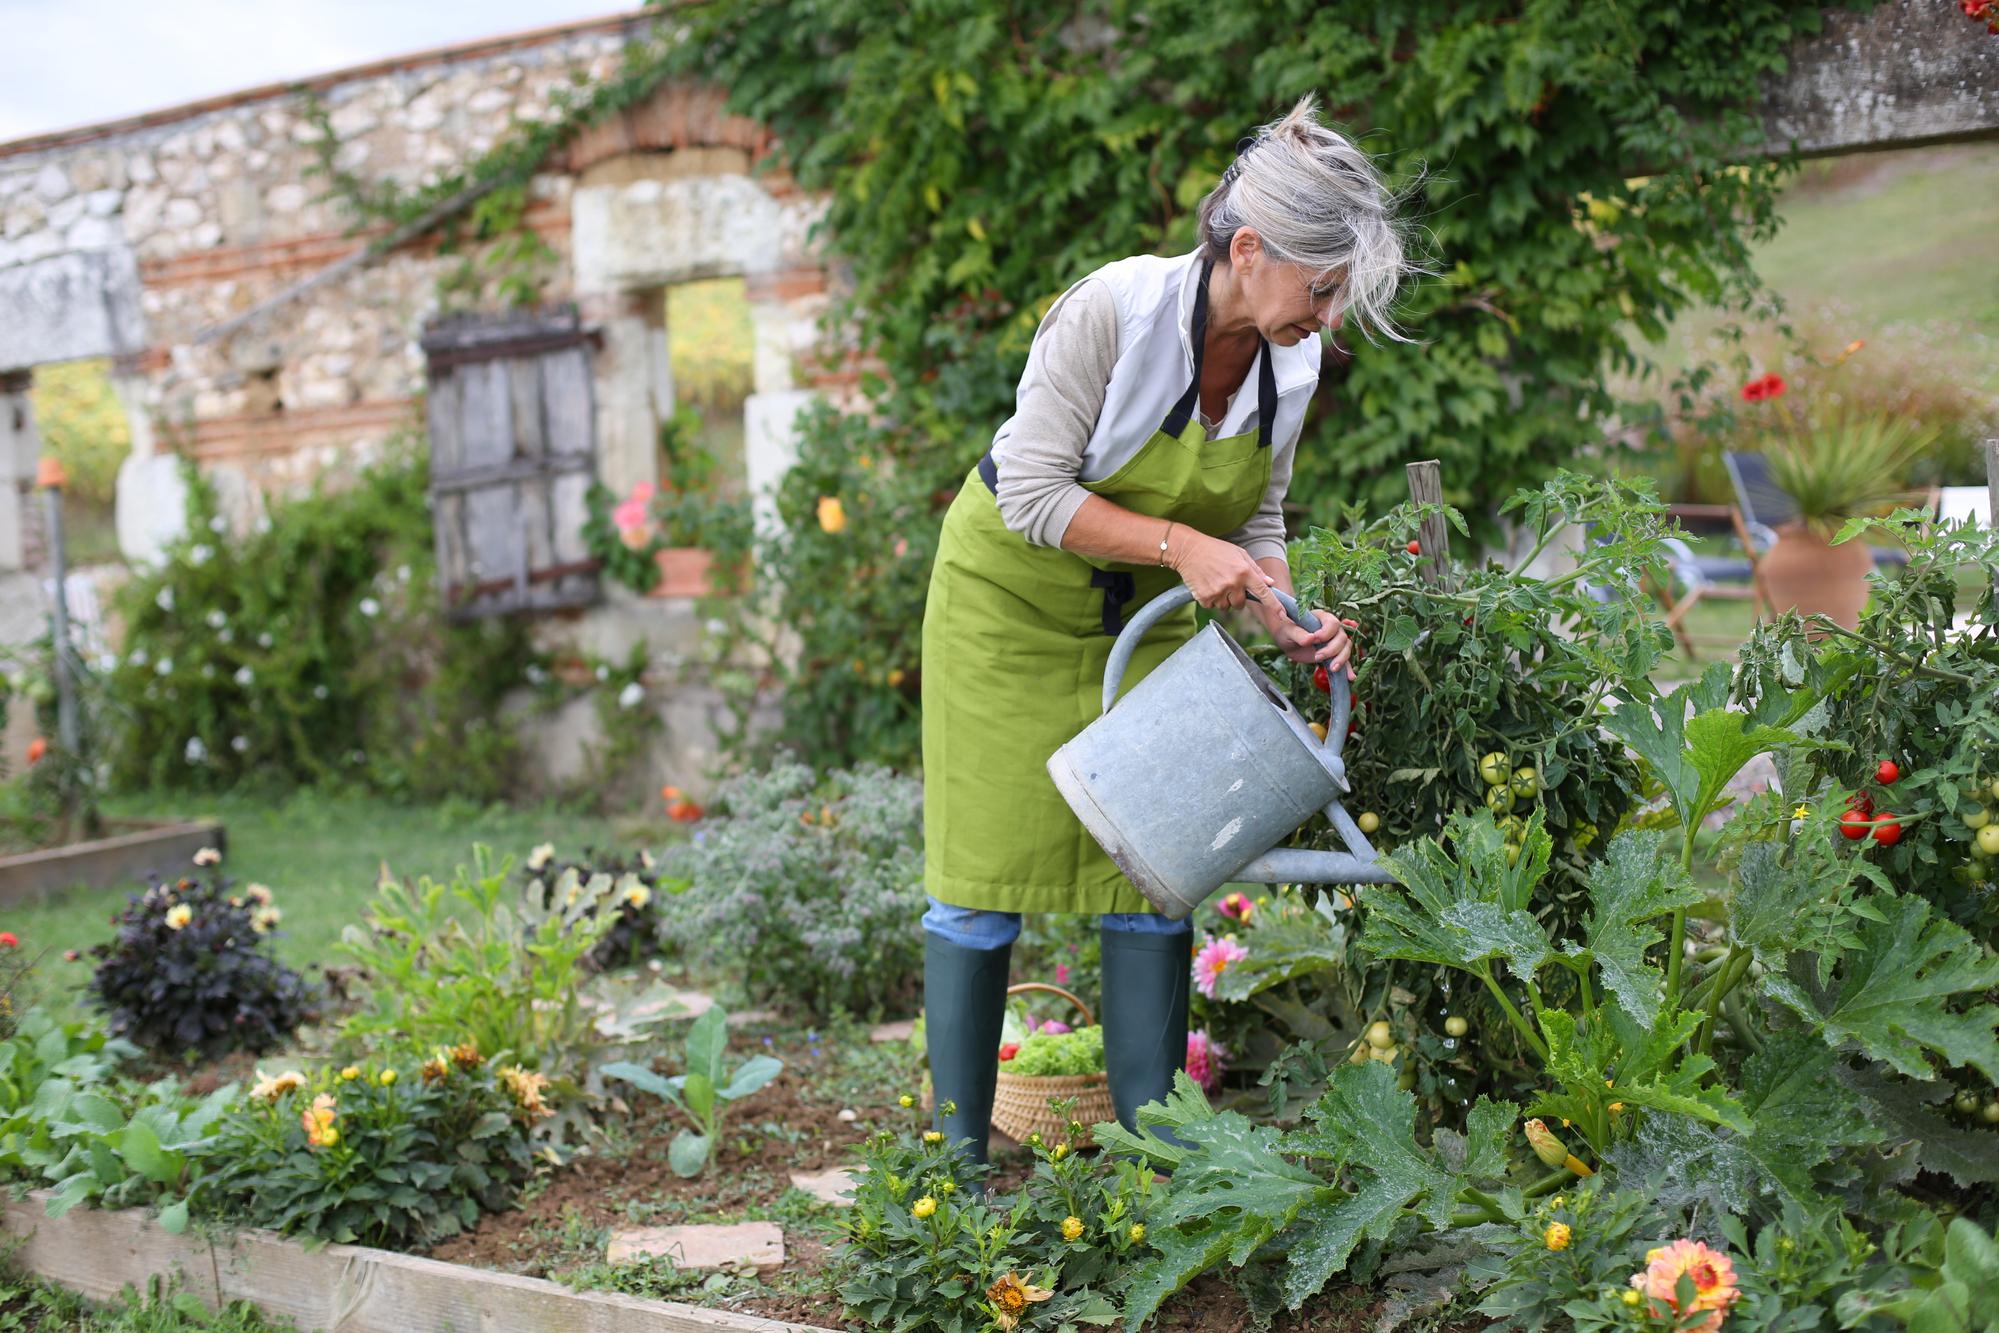 Vrouw geeft planten water in eigen tuin bij huis